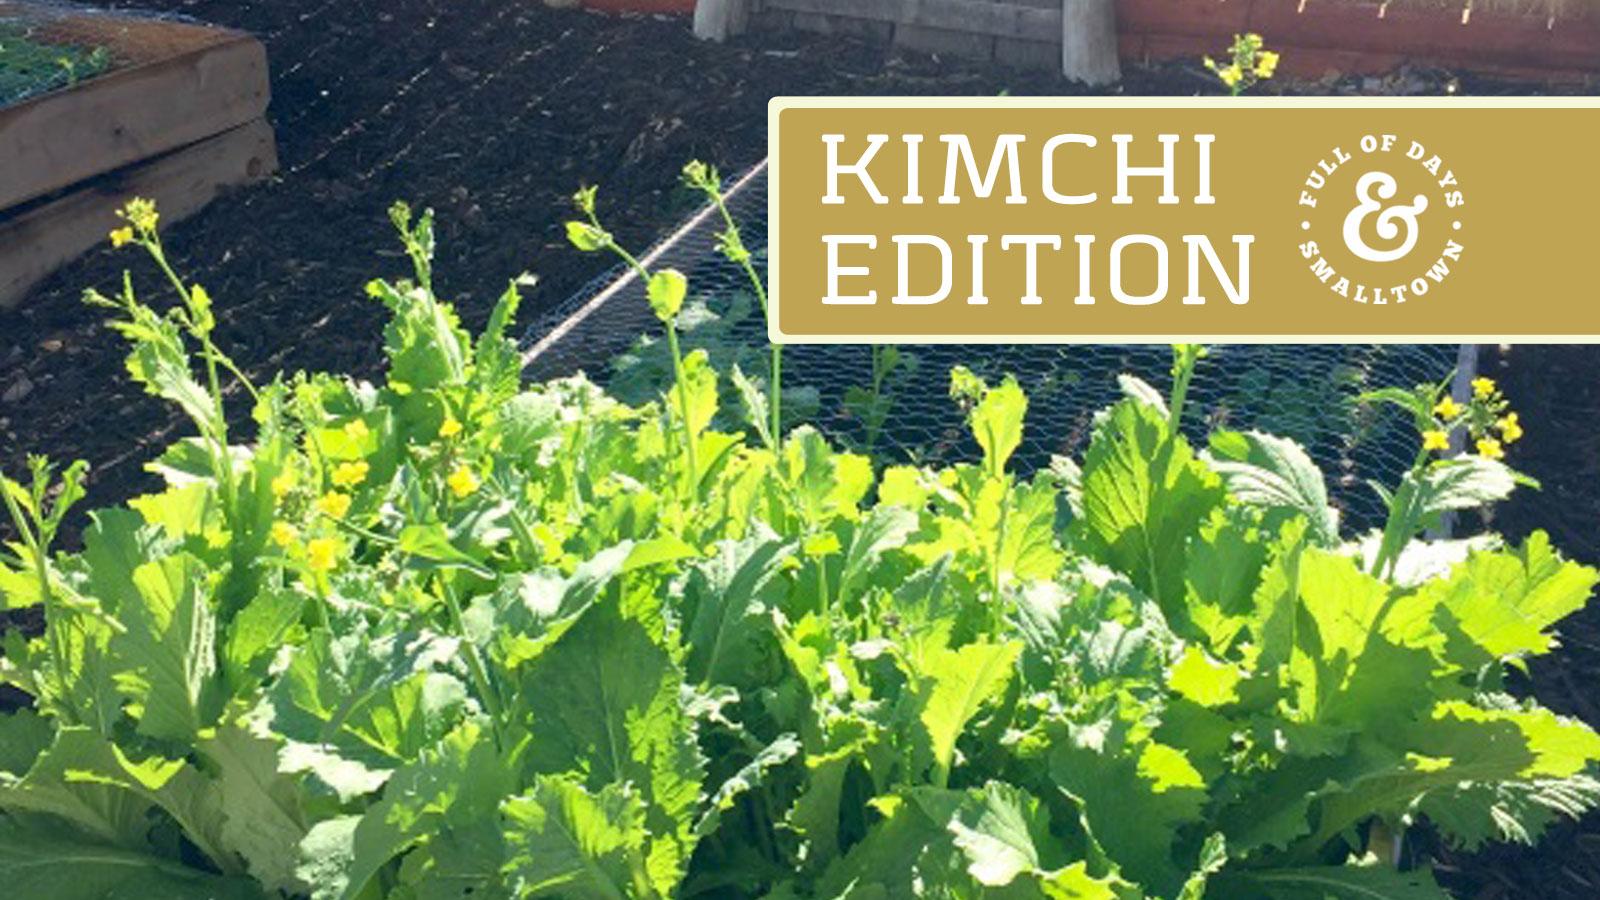 Kimchi-Intro_Full-of-Days_1600-x-900